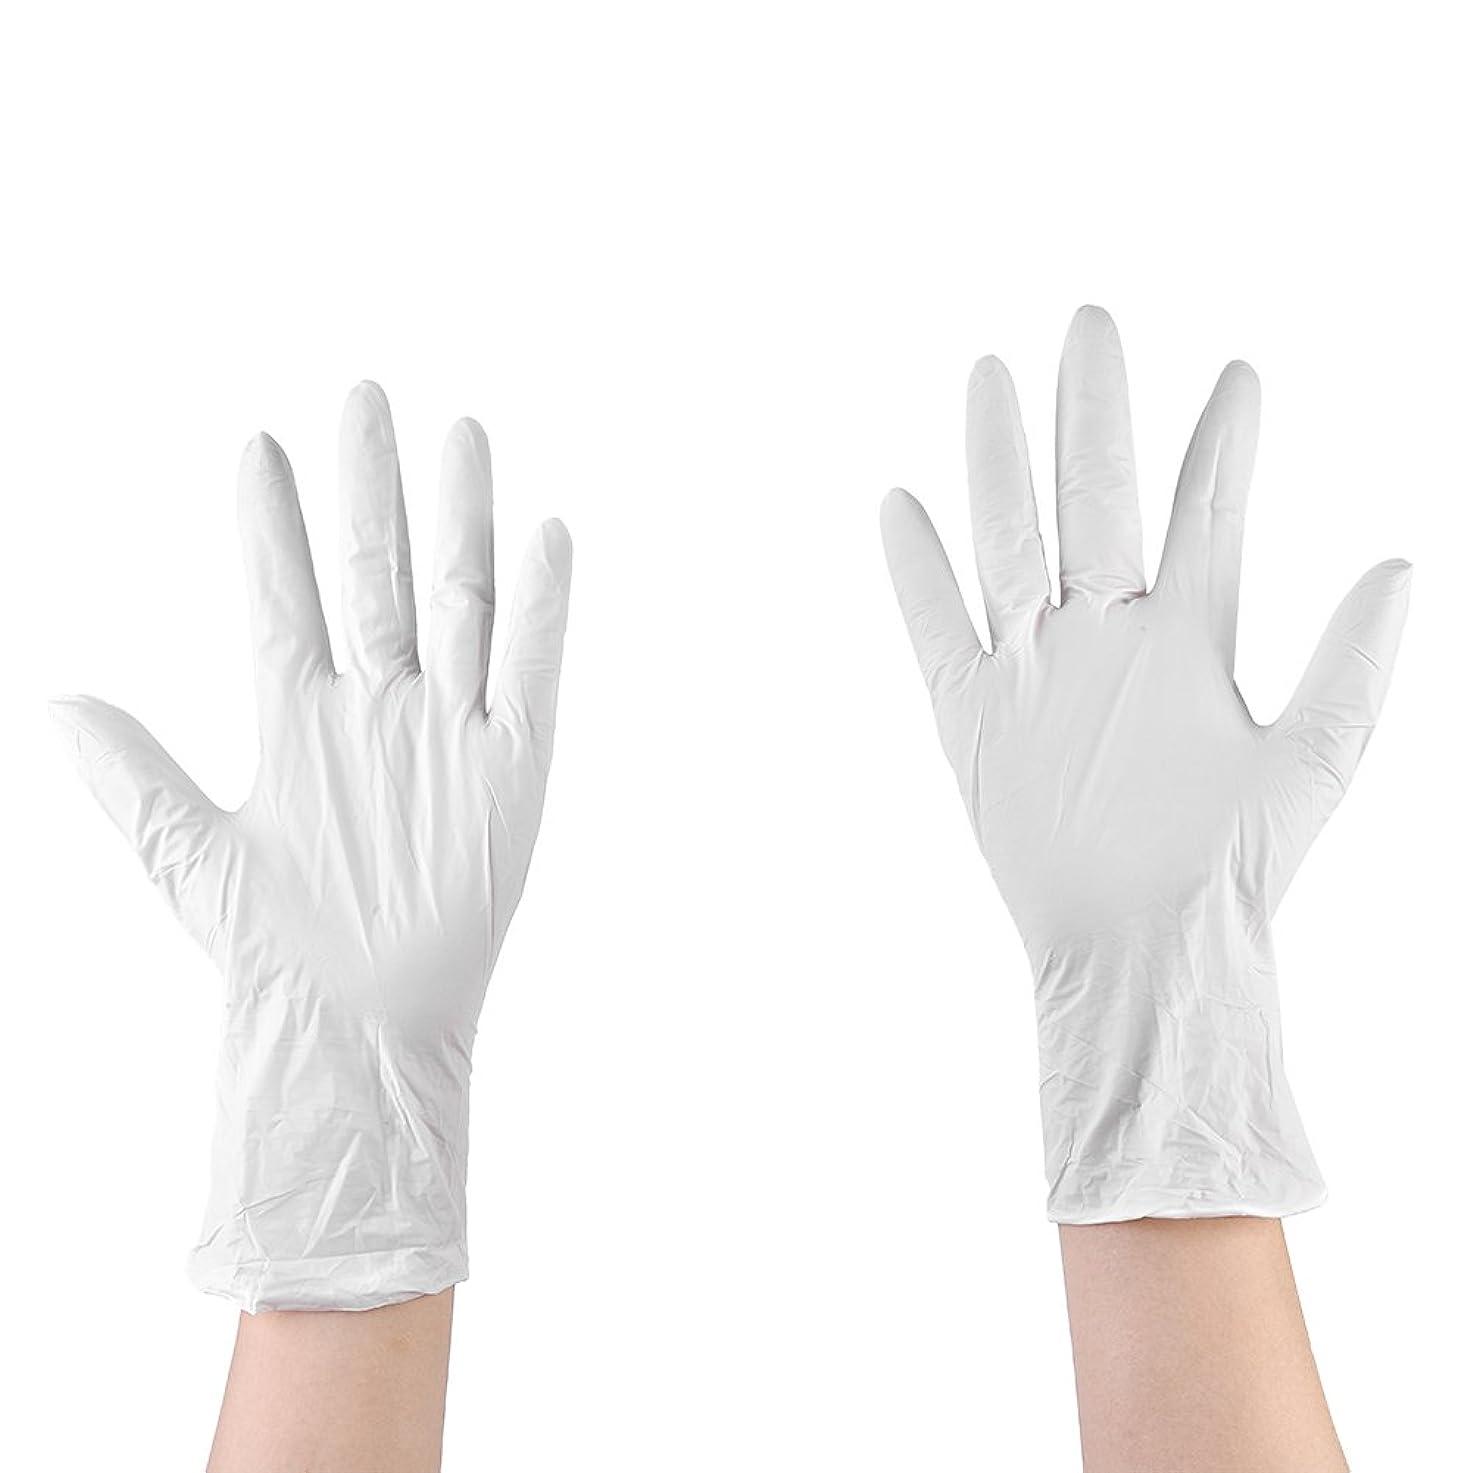 膨らませるするだろう野心使い捨て手袋 ニトリルグローブ ホワイト 粉なし タトゥー/歯科/病院/研究室に適応 M/L選択可 50枚 左右兼用 作業手袋(M)